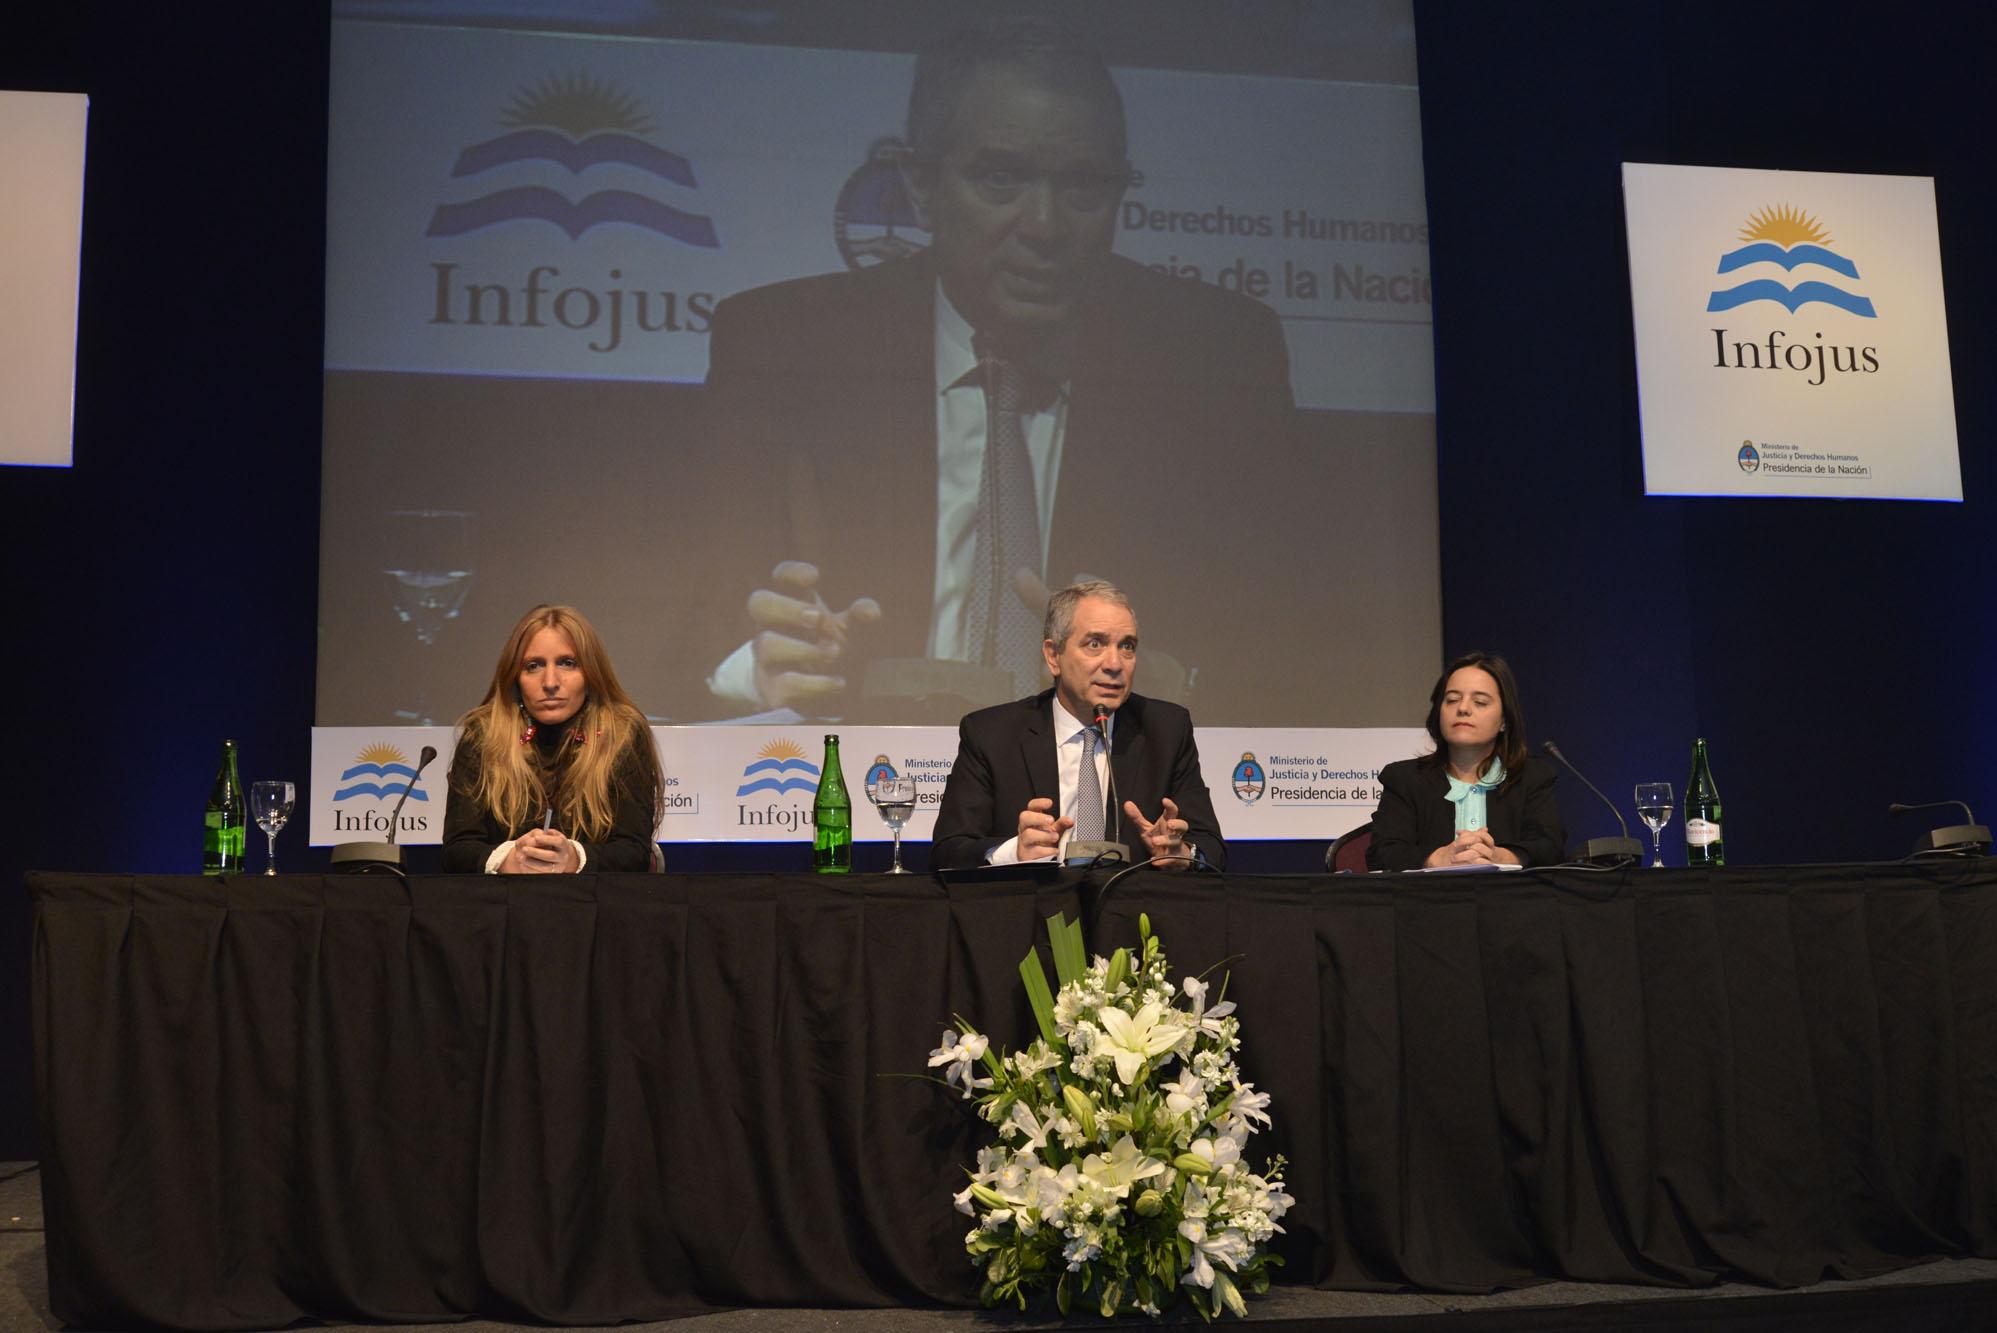 """Julio Alak: """"Infojus es una iniciativa de interés público federal, gratuita y democrática""""."""